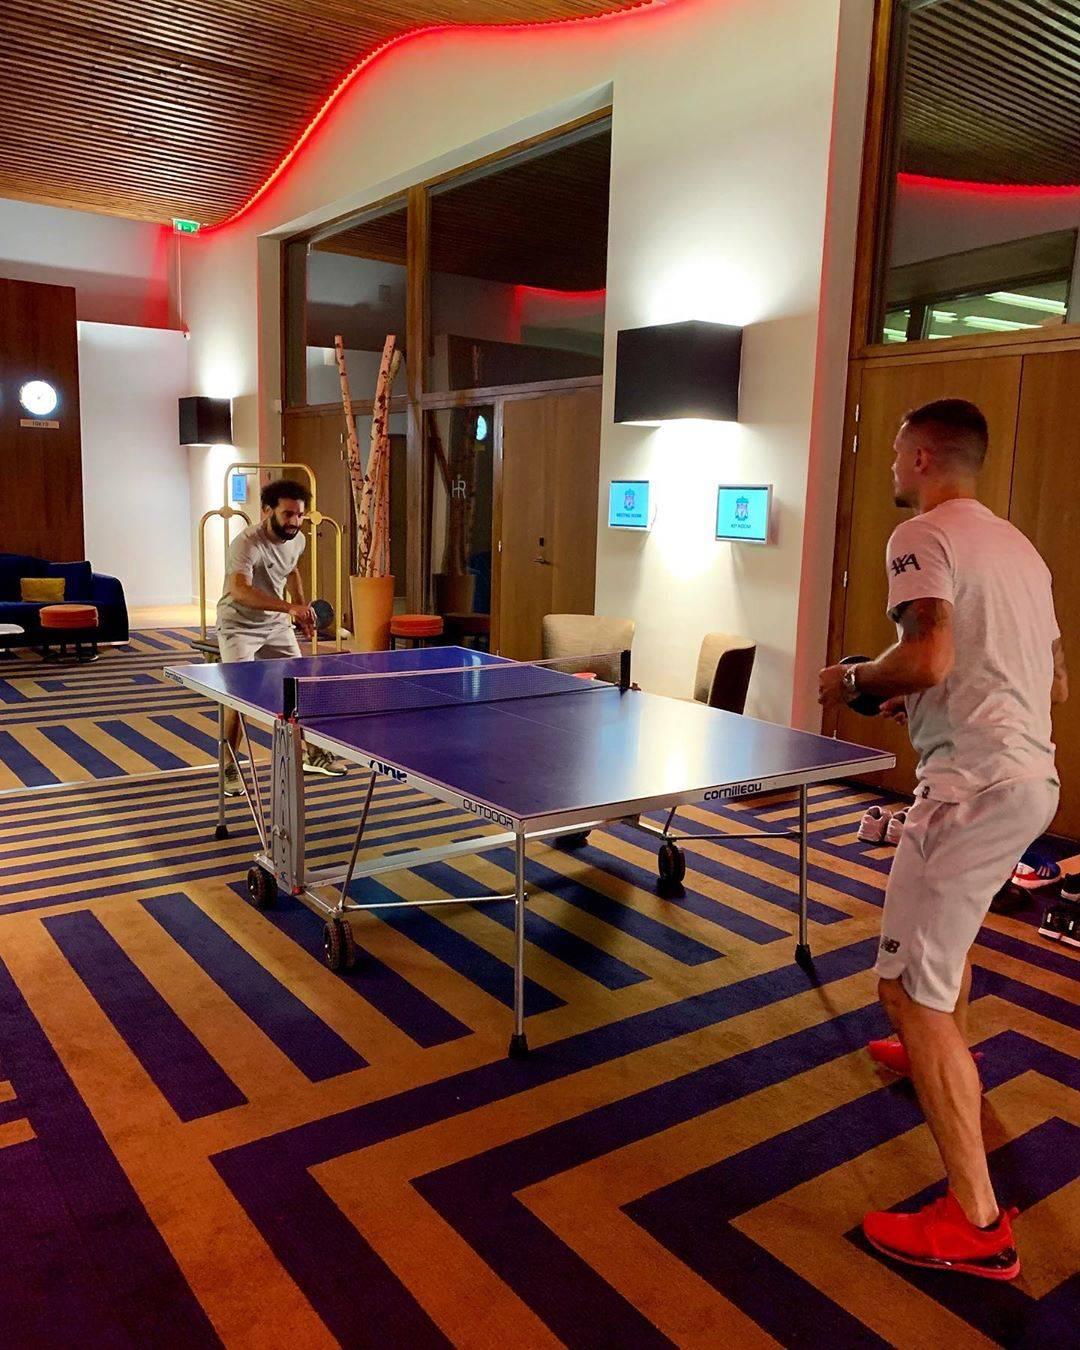 洛夫伦回击魔笛嘲笑:萨拉赫跟你同样,打乒乓只会戍守